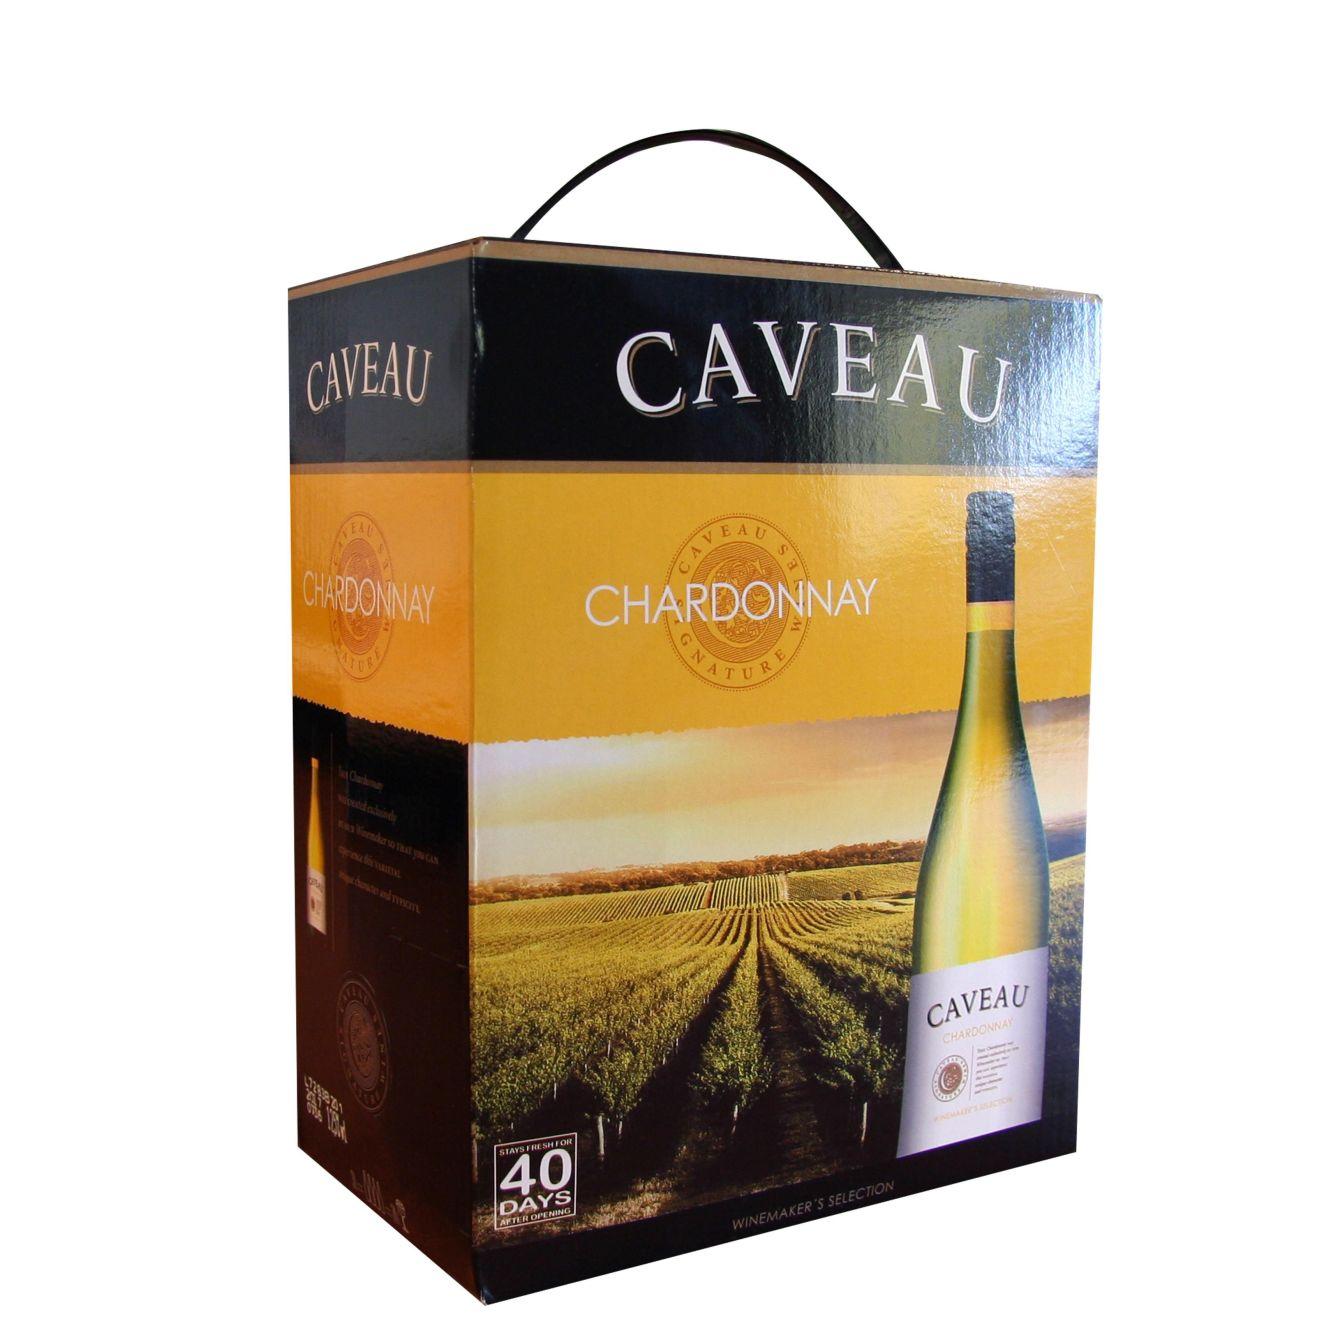 Caveau Chardonnay